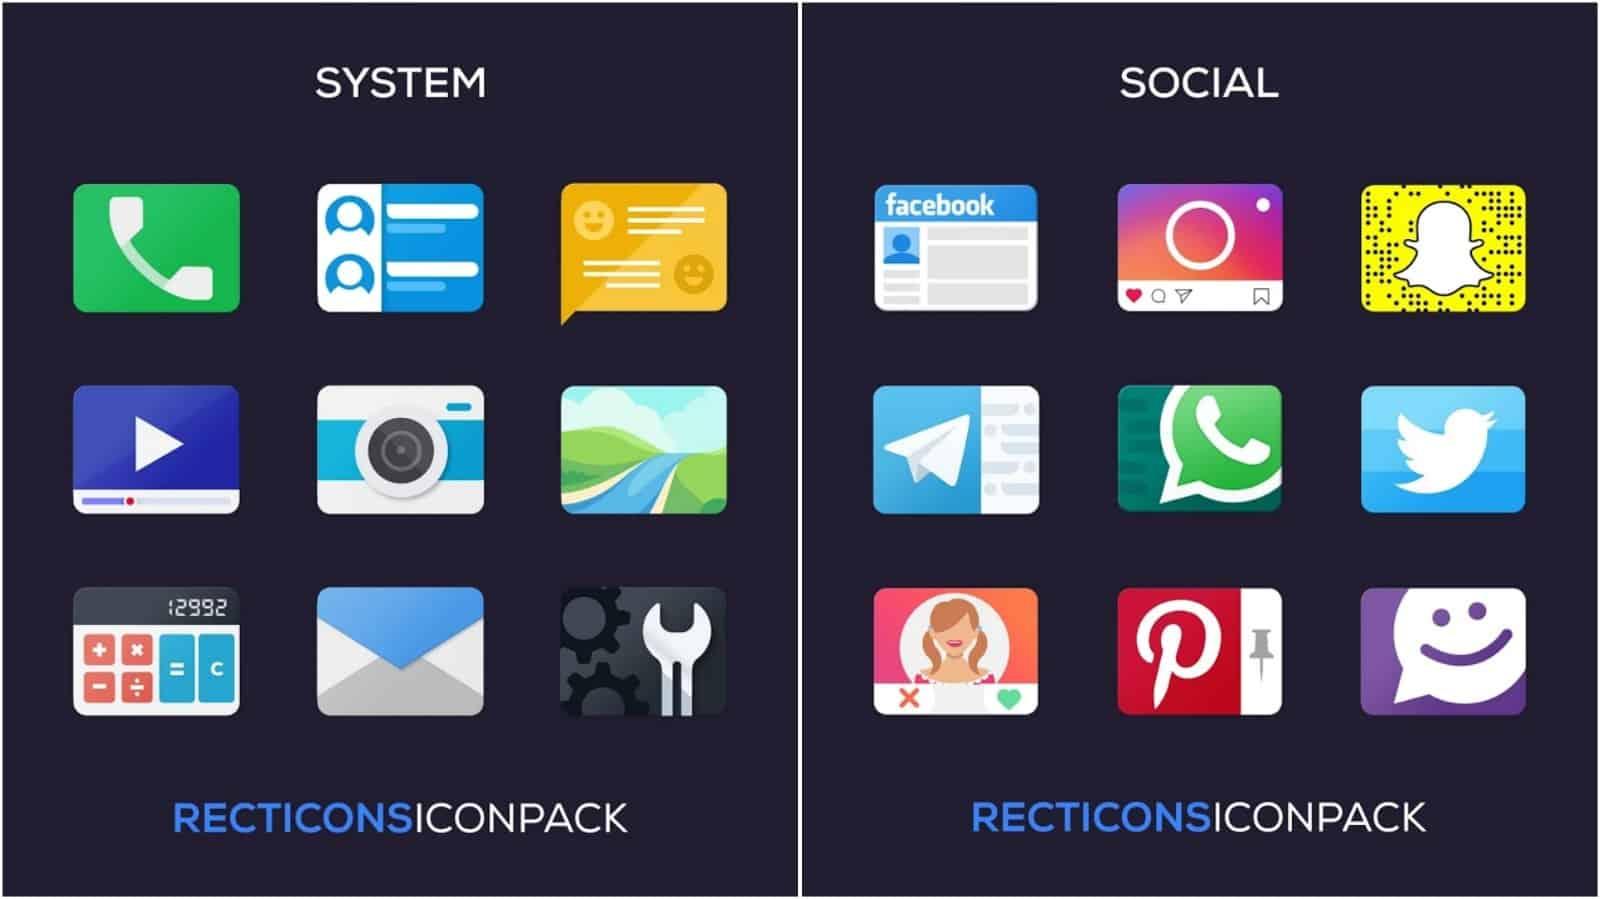 Изображение сетки приложения Reacticons